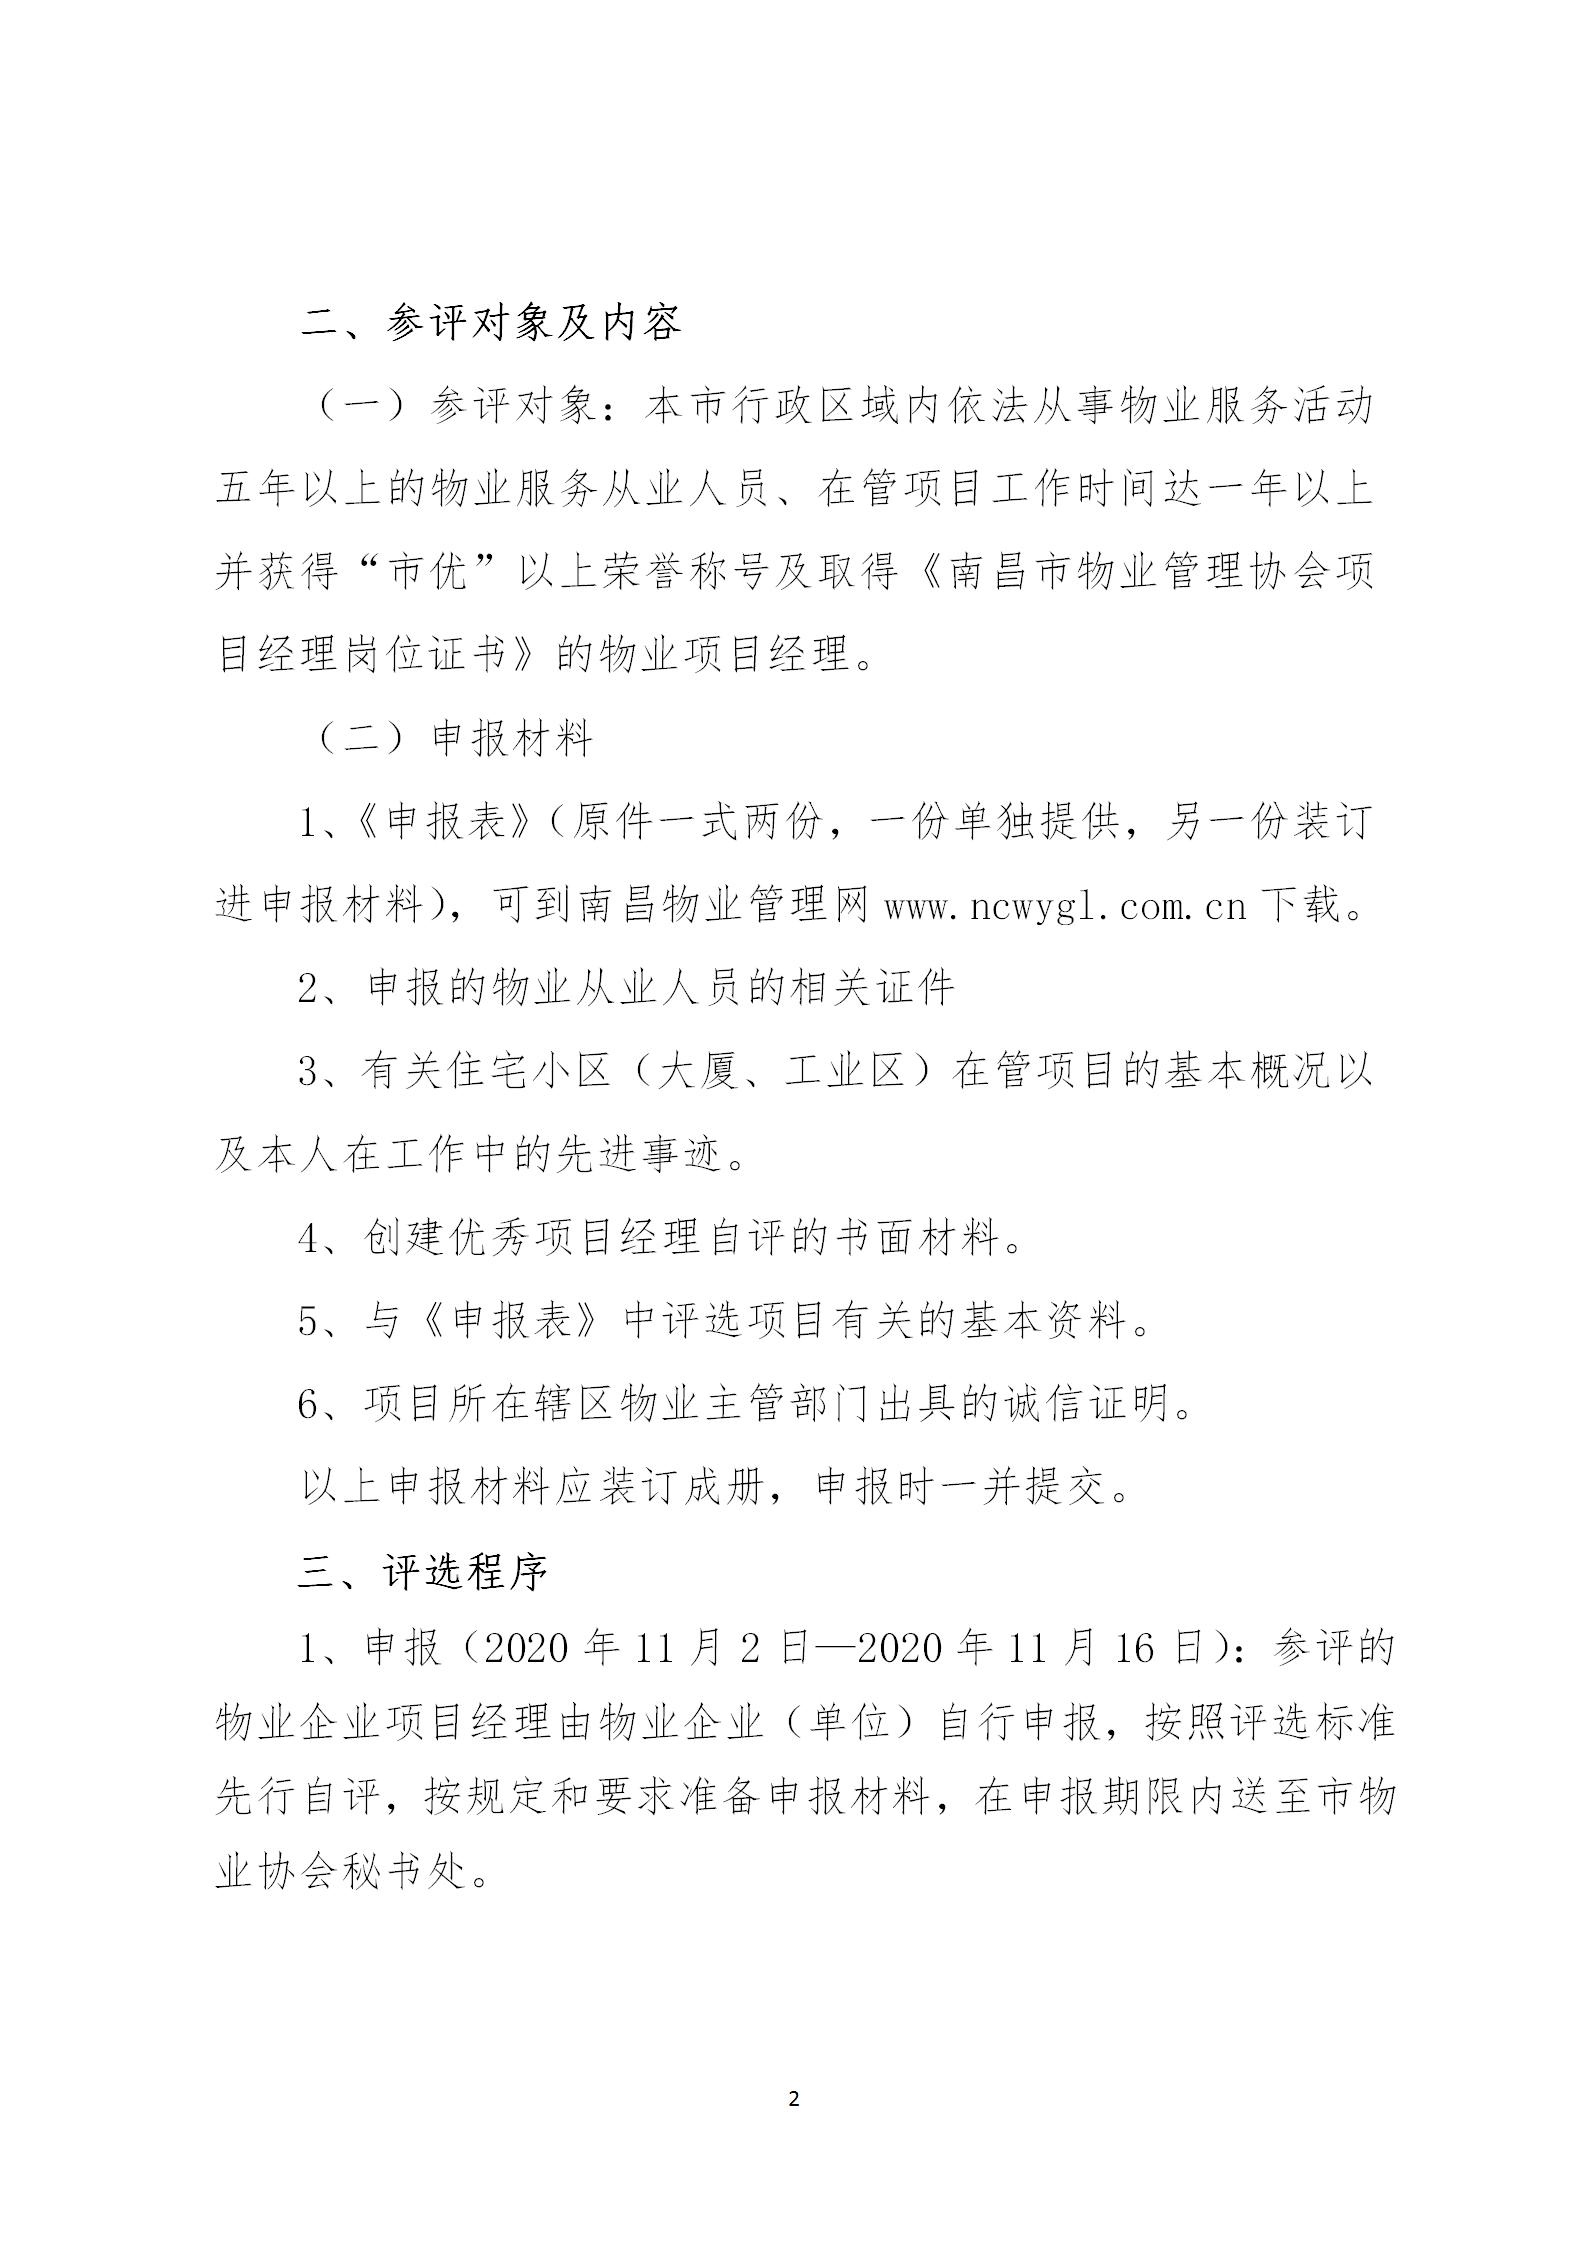 洪物协字[2020]17号关于开展2020年度南昌市物业管理行业优秀项目经理评选活动的通知_02.png